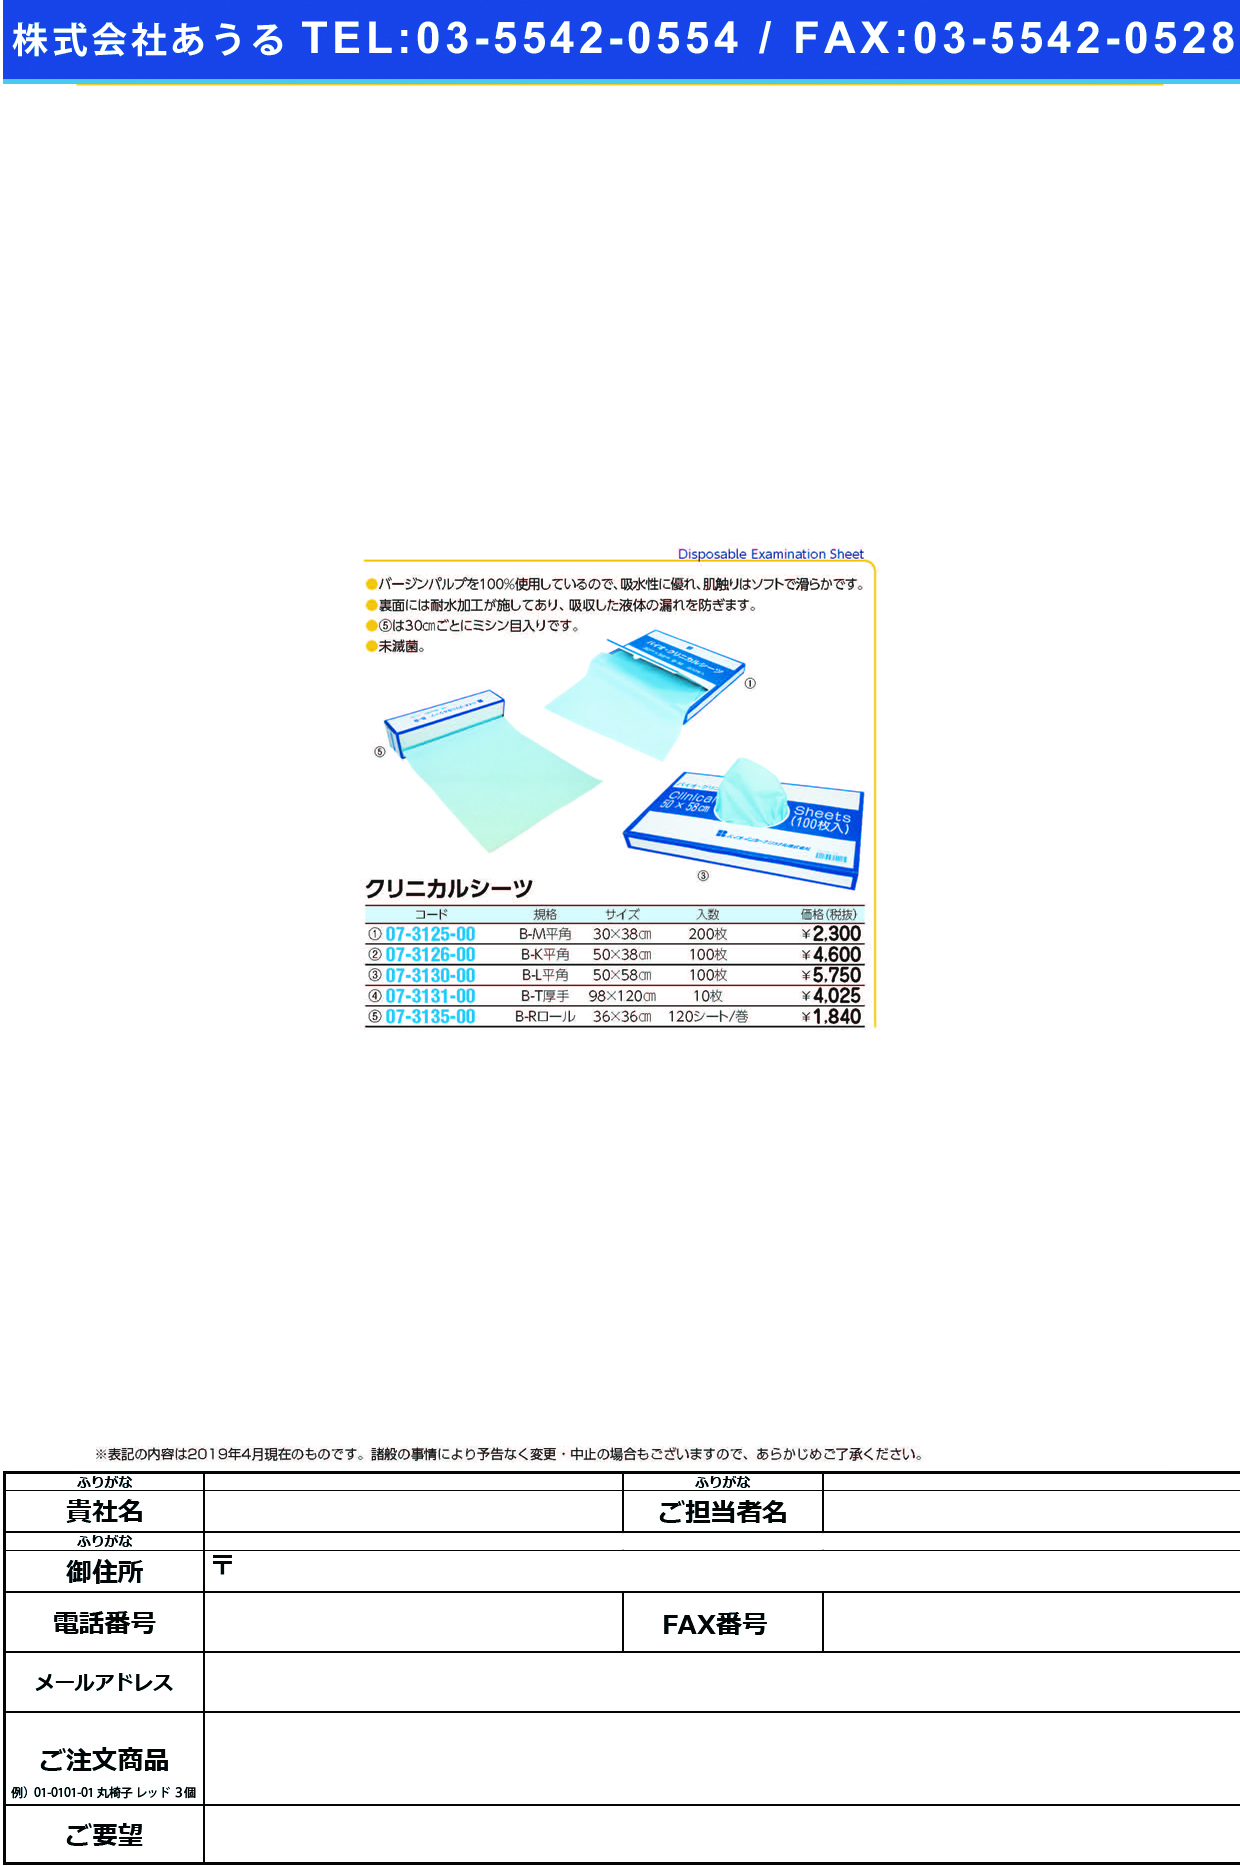 (07-3130-00)クリニカルシーツ(B−L平角) 50X58CM(100マイイリ) クリニカルシーツ【1箱単位】【2019年カタログ商品】